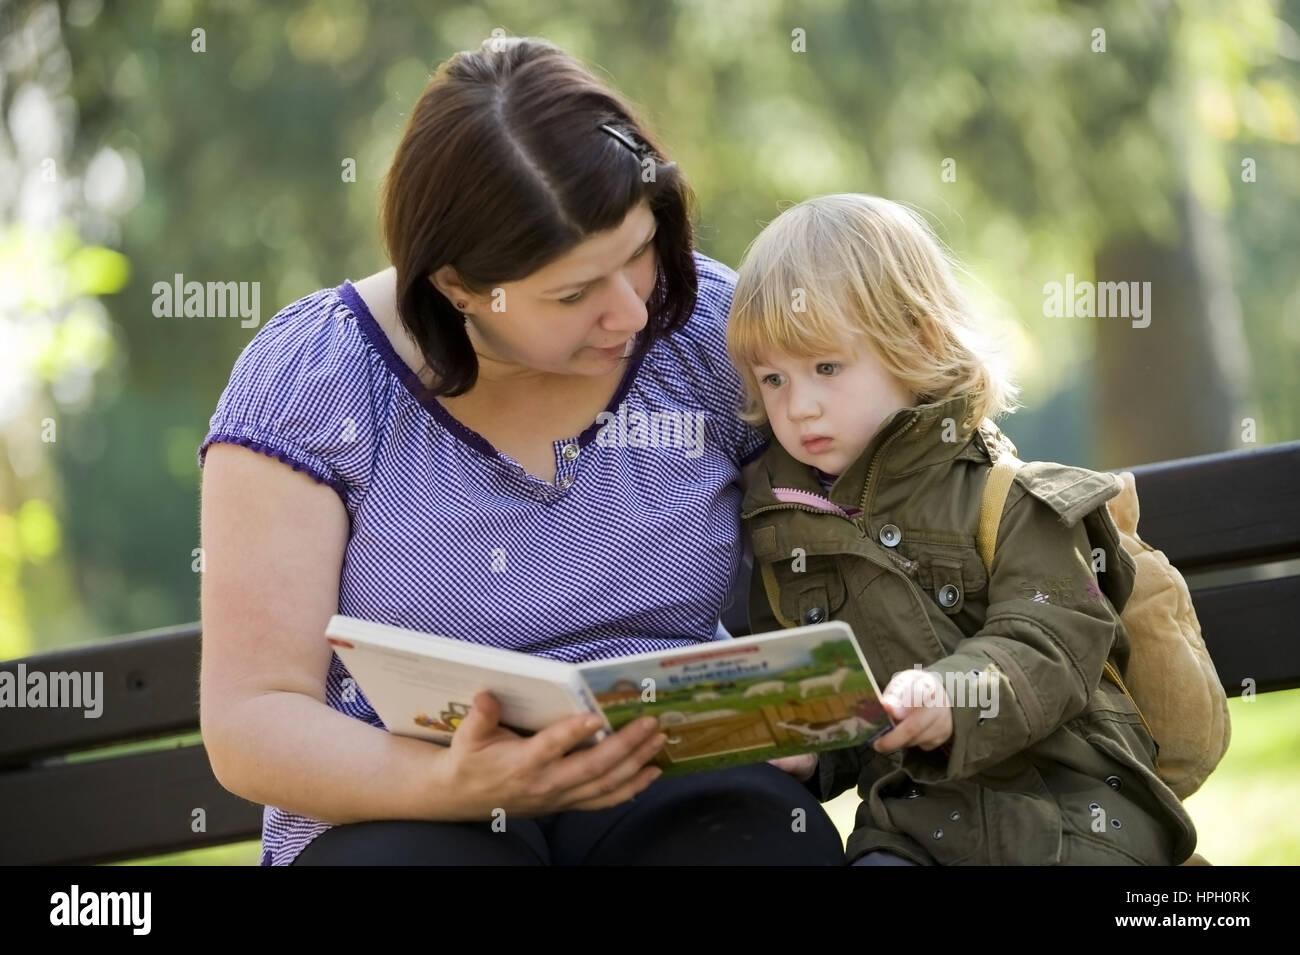 Model released , Mutter und Tochter, 3, sitzen auf einer Bank und betrachten ein Bilderbuch - mother and daughter - Stock Image